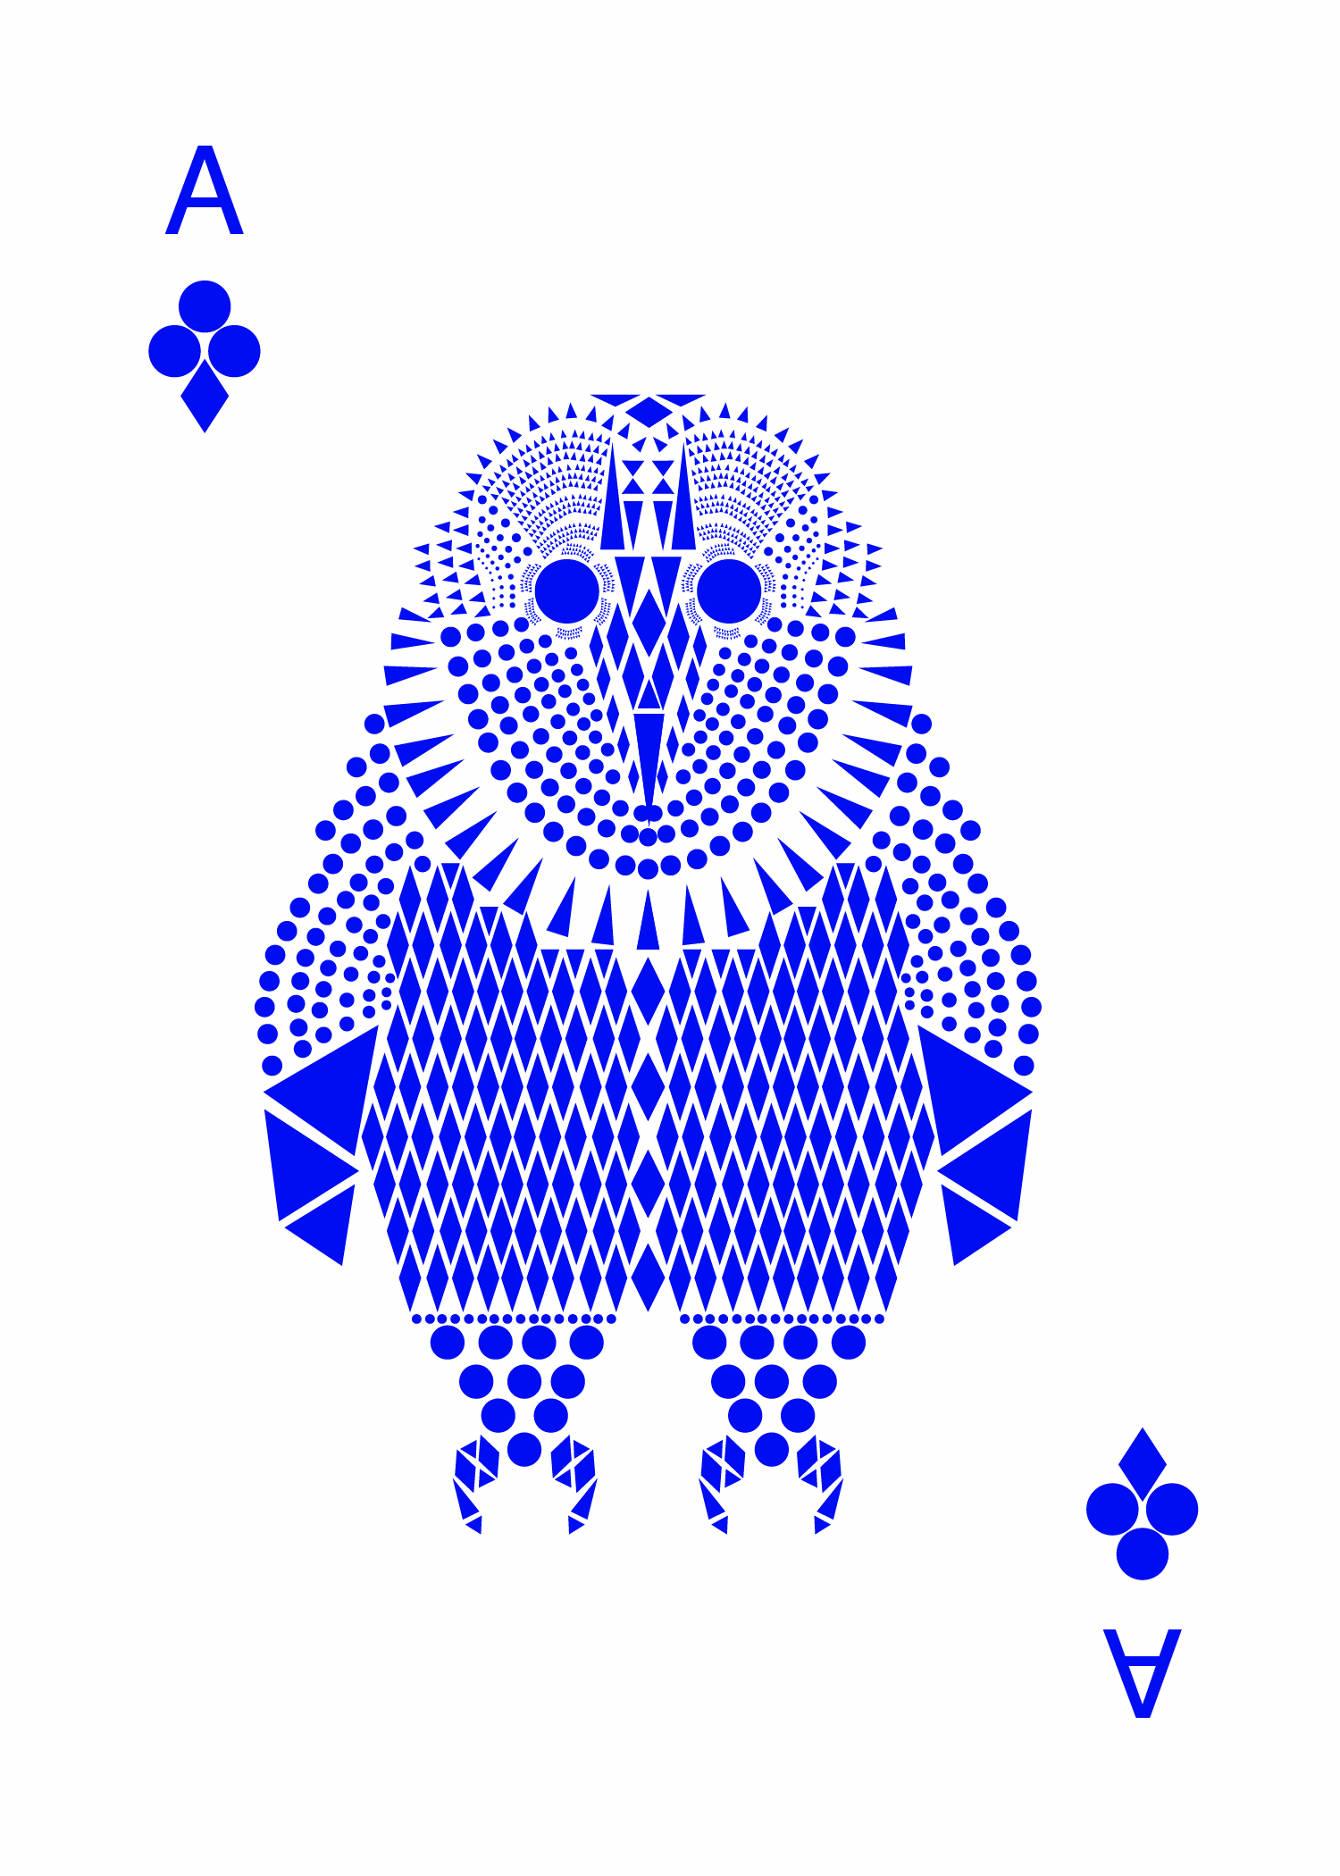 owl-cards-06_2x.jpg